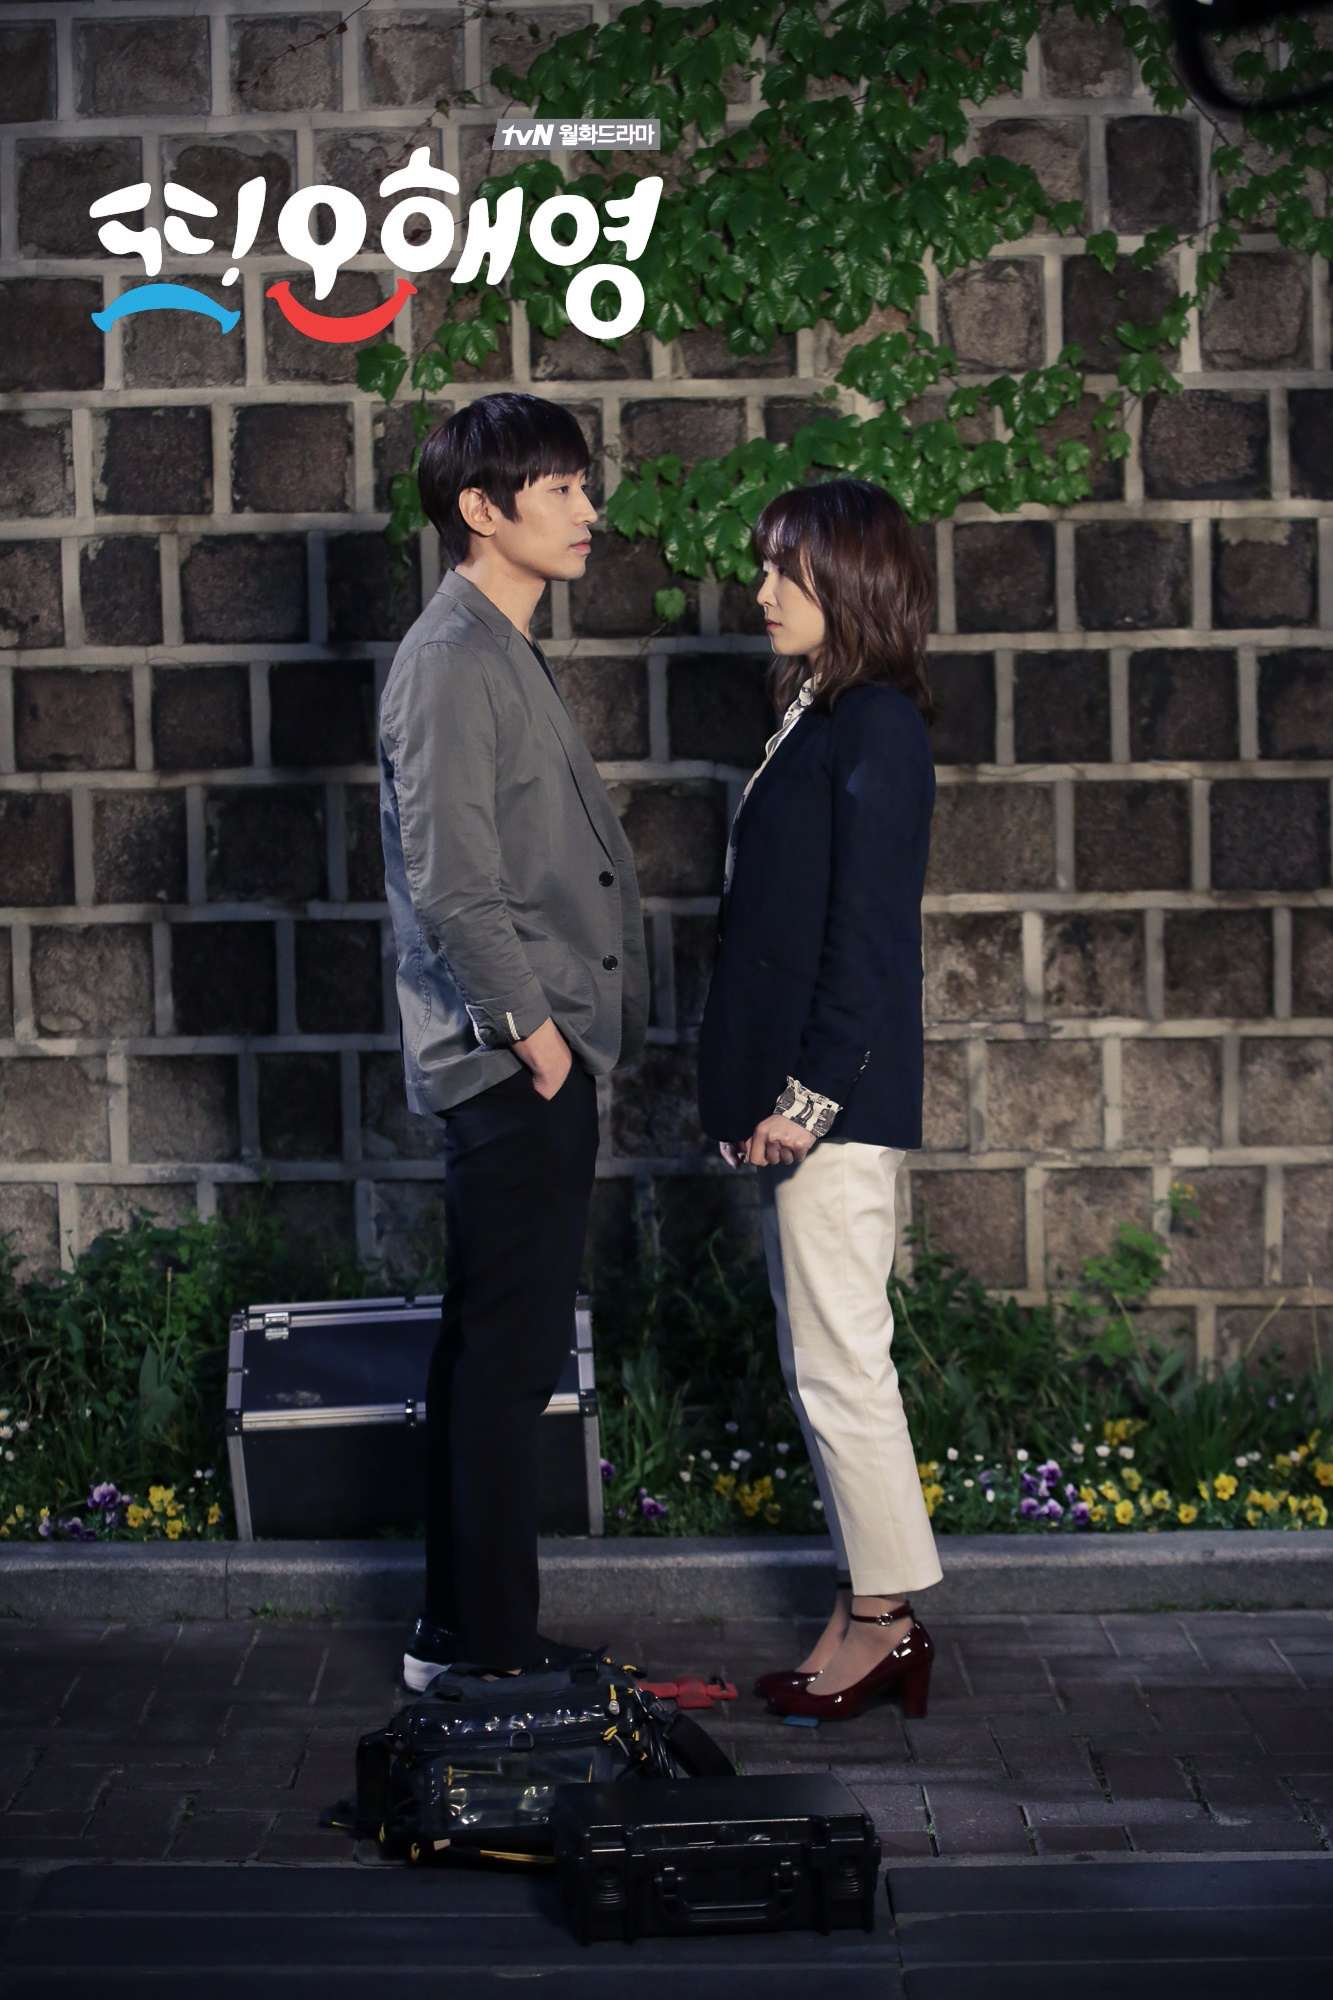 大家最近都在追什麼韓劇呢?繼《太陽的後裔》之後,不少韓國觀眾都選擇了tvN的這部《又,吳海英》,甜蜜搞笑的情節,讓人看一次就深陷其中♥